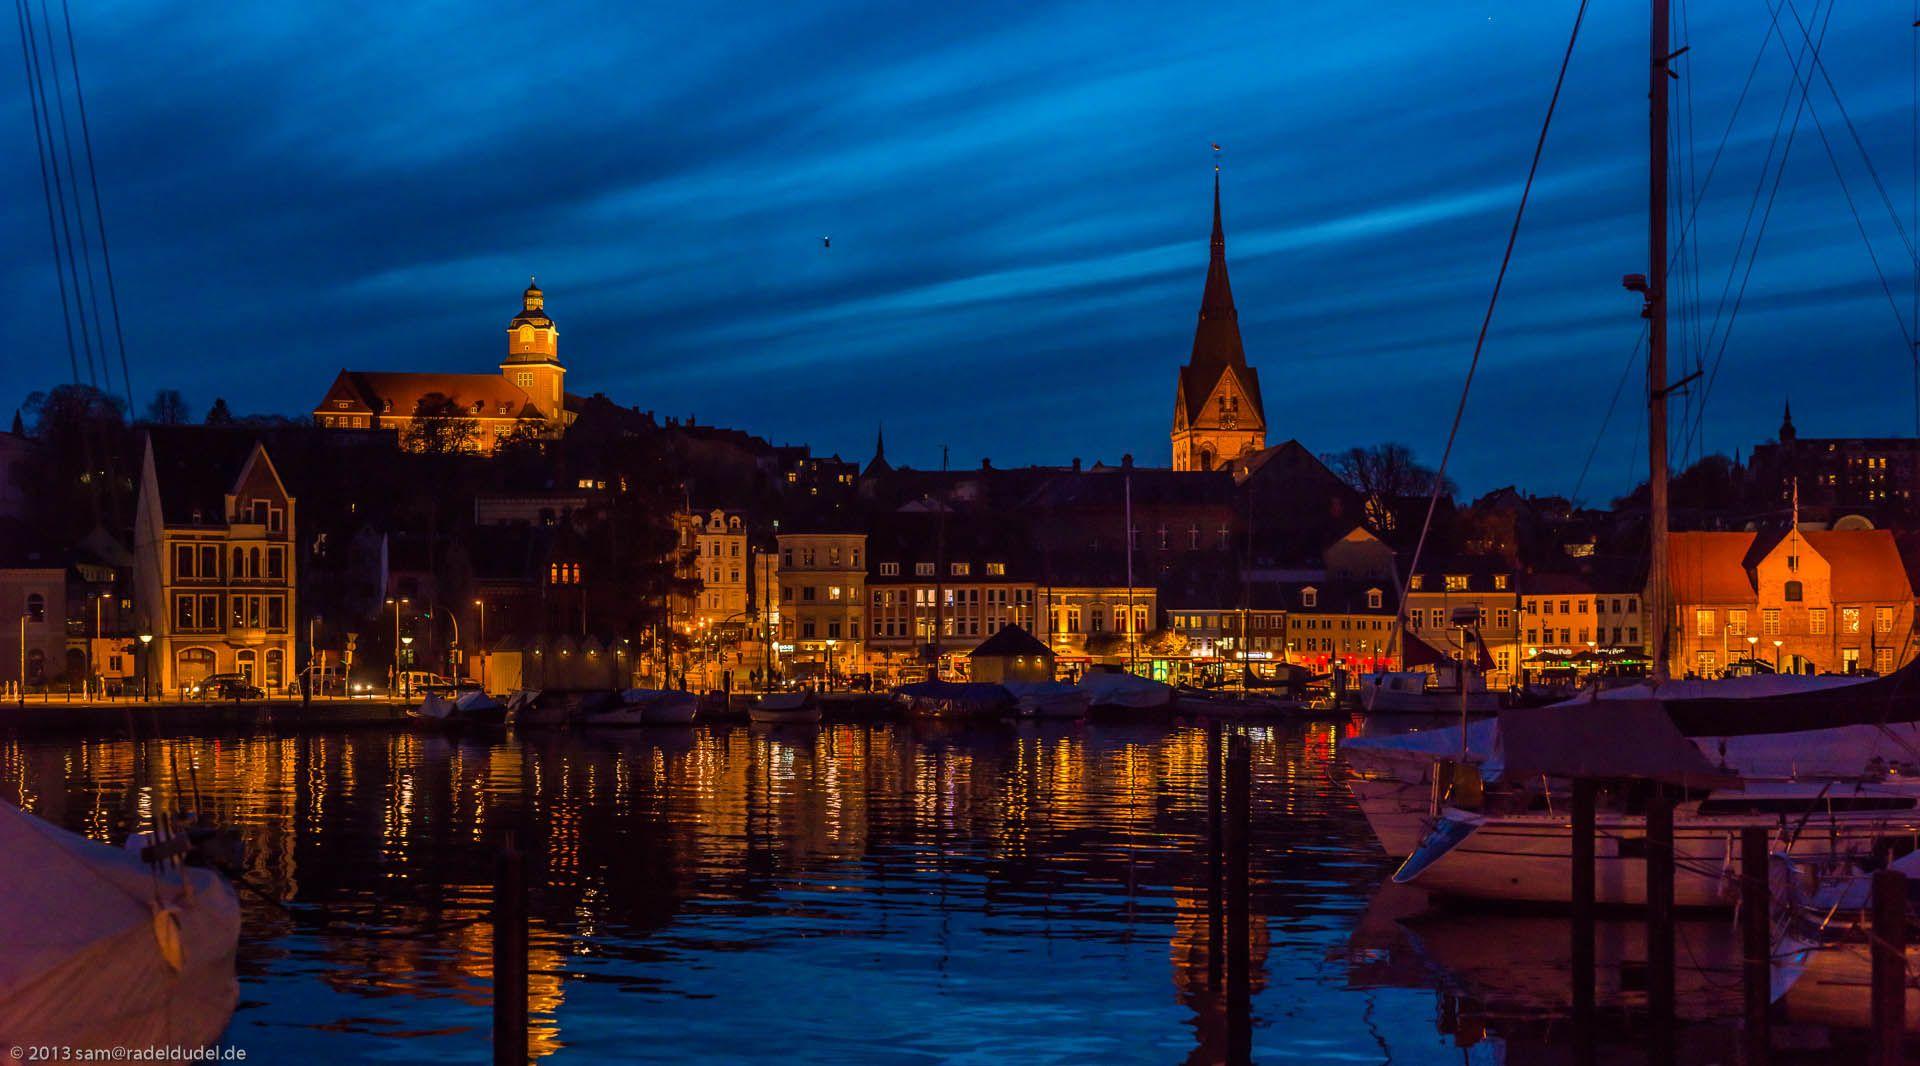 Flensburger Hafen und Westufer in der Abenddämmerung.